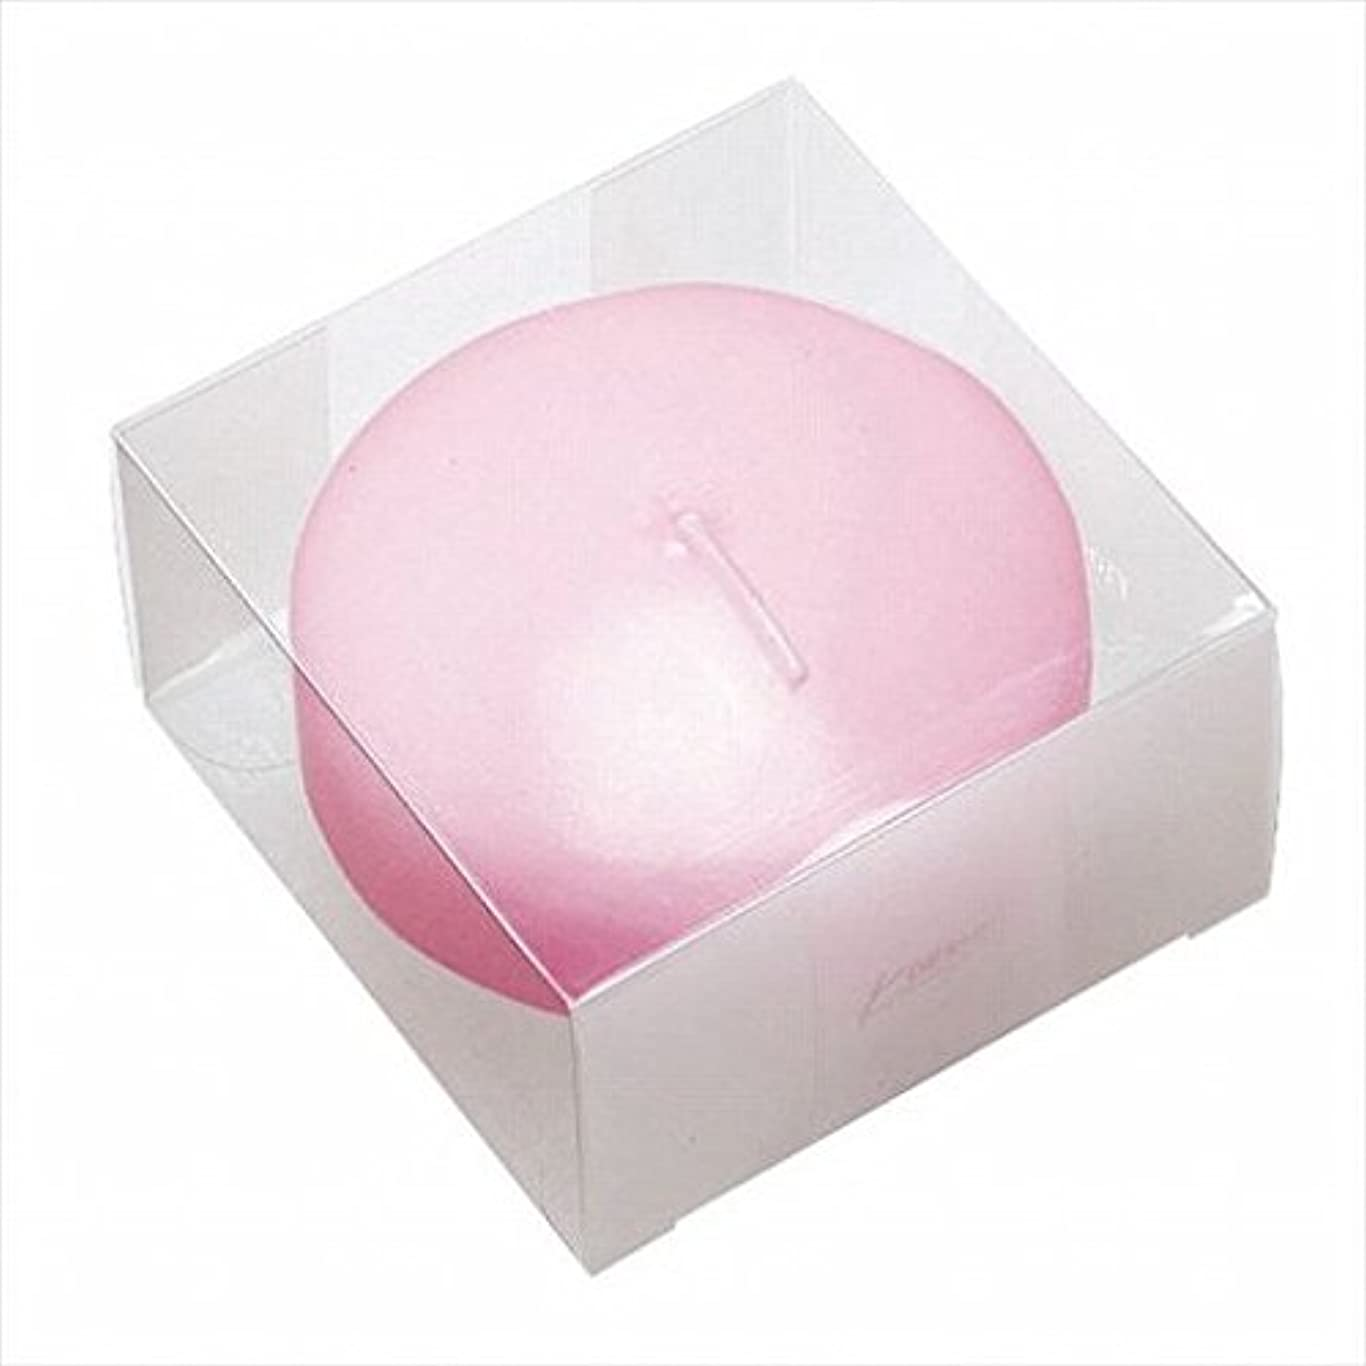 突進取り出す努力kameyama candle(カメヤマキャンドル) プール80(箱入り) 「 ピンク 」 キャンドル 80x80x45mm (A7069060)